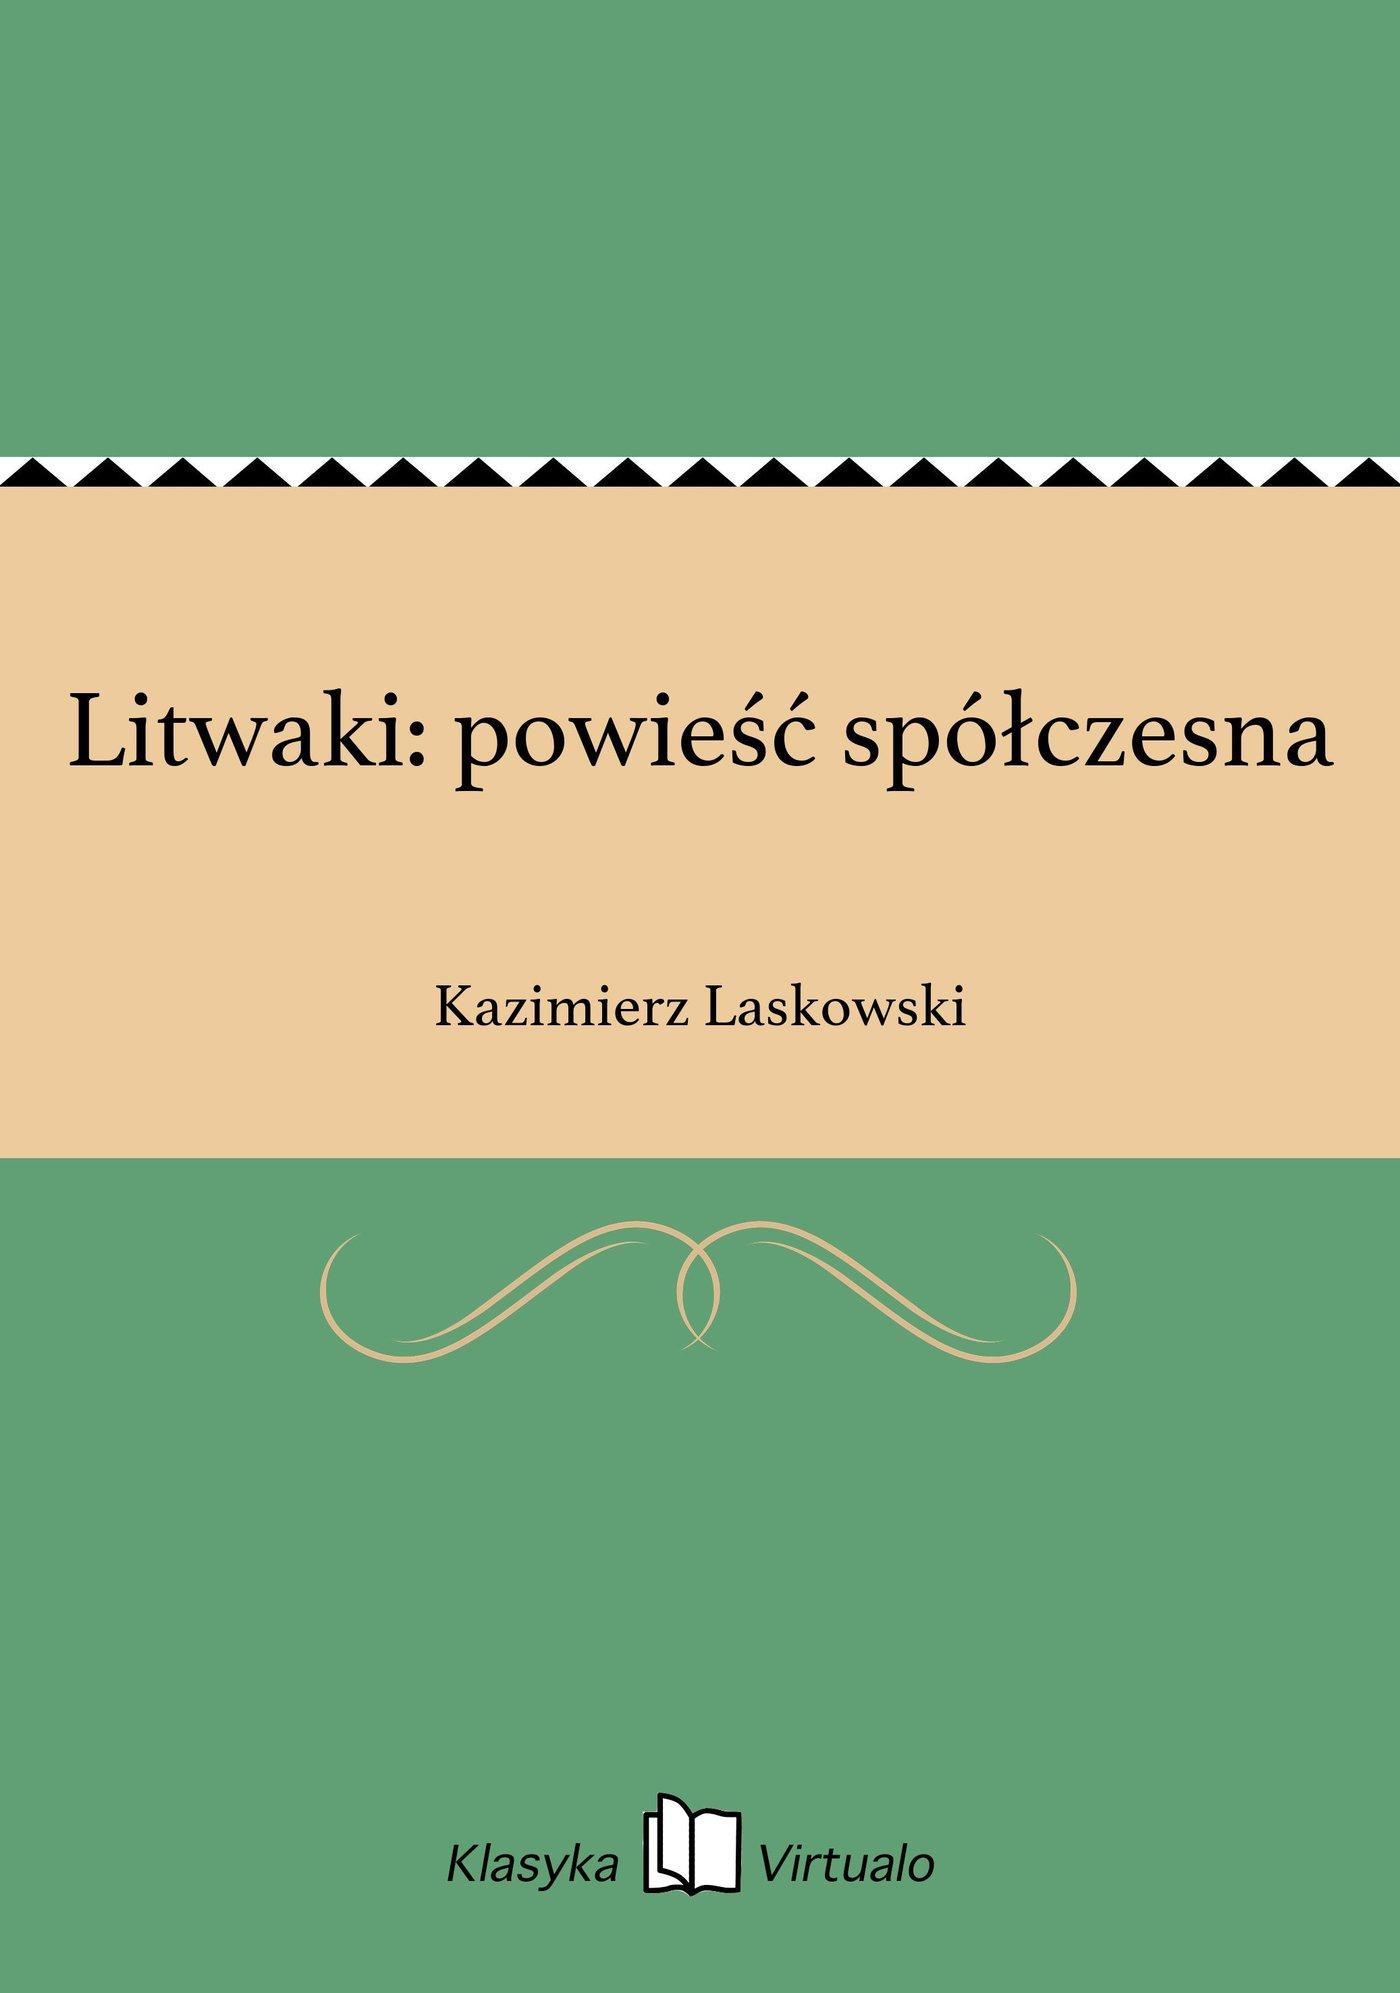 Litwaki: powieść spółczesna - Ebook (Książka EPUB) do pobrania w formacie EPUB